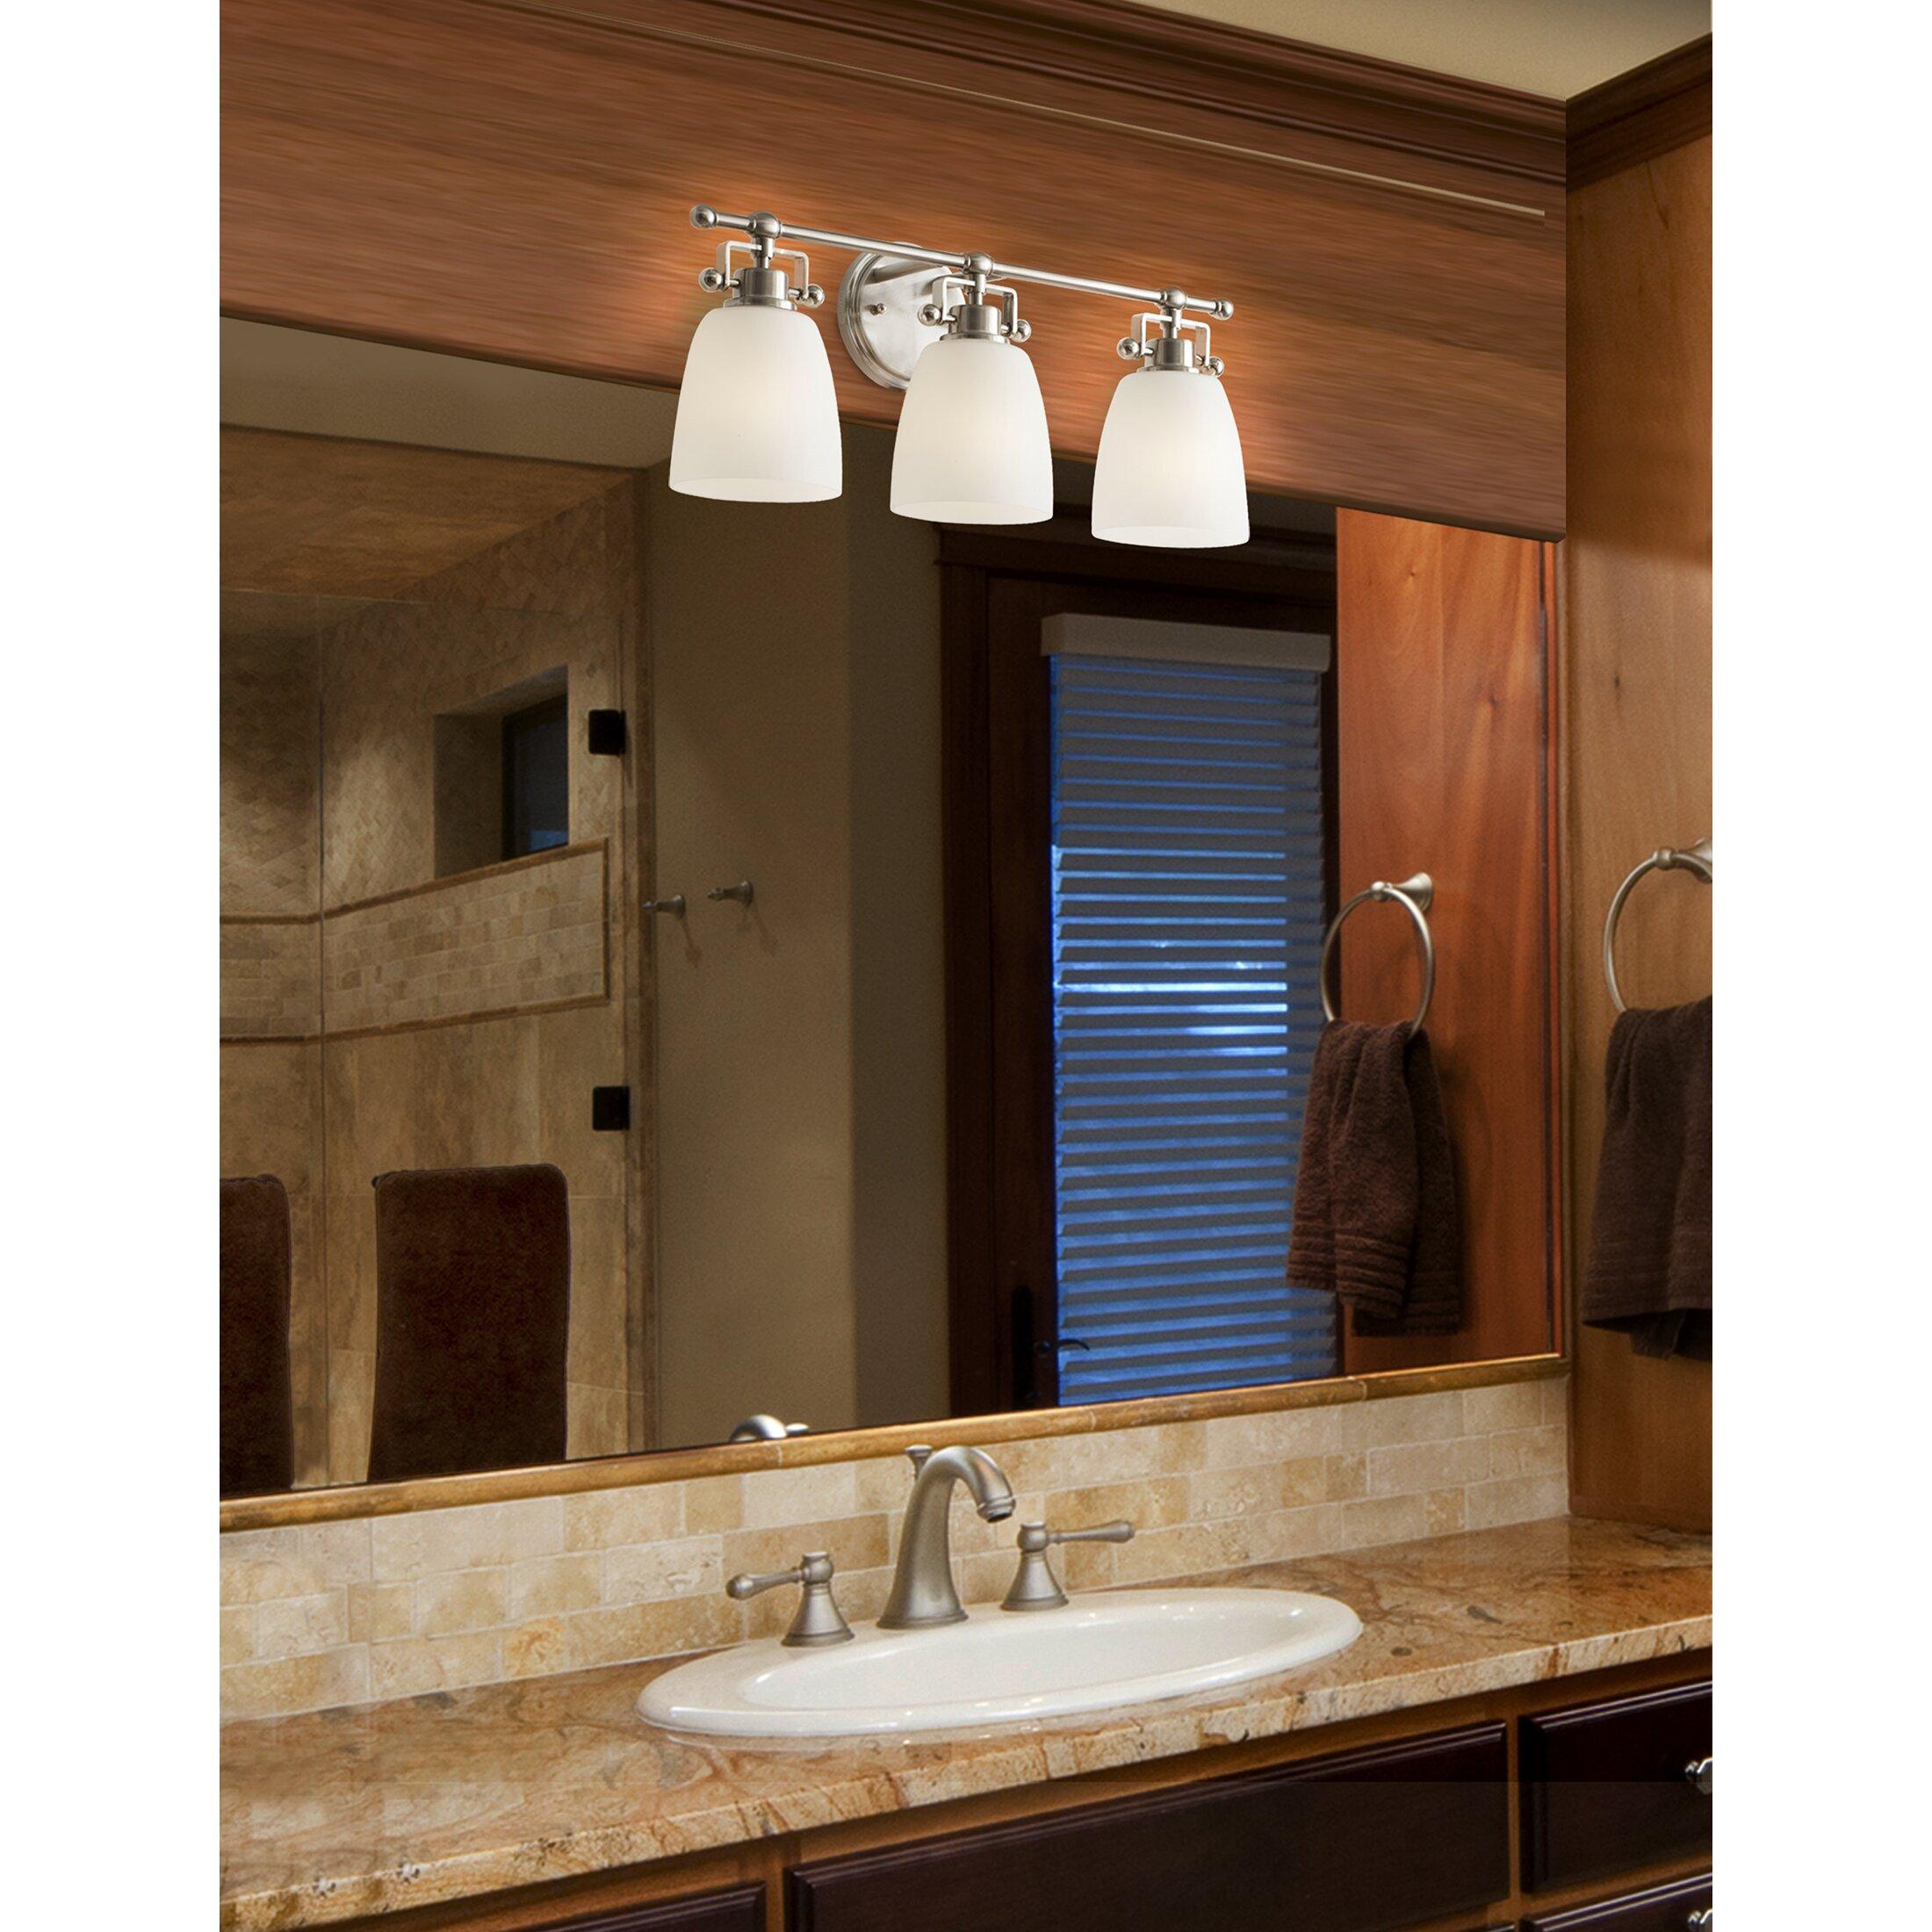 Vanity With Studio Lights : Brayden Studio Meyer 3 Light Vanity Light & Reviews Wayfair